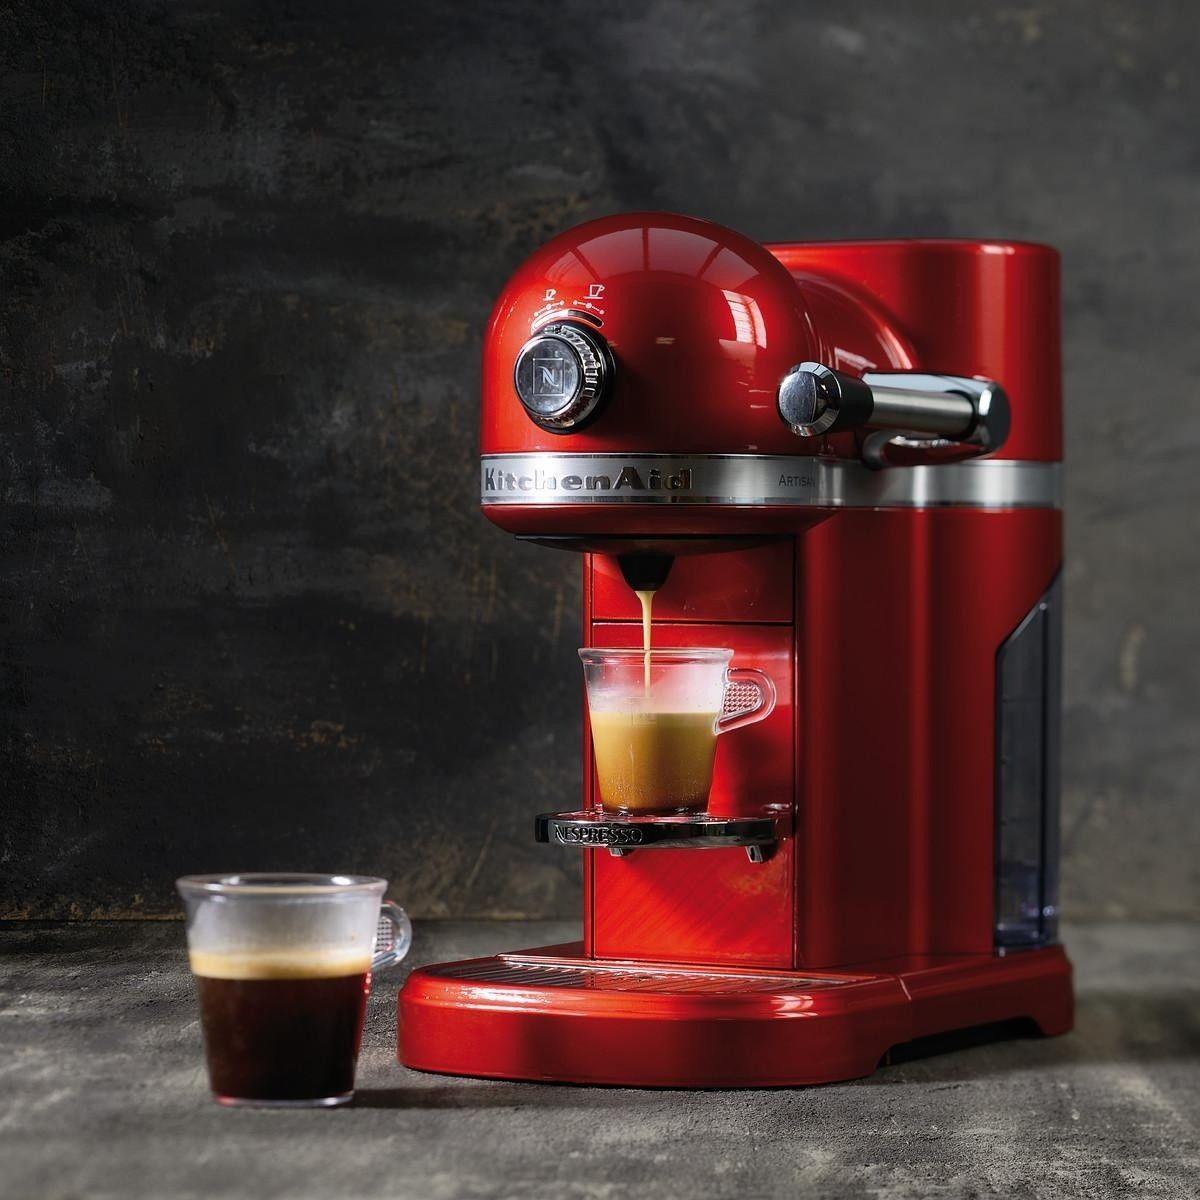 Kitchenaid Artisan Nespresso Espresso Maker Kitchenaid